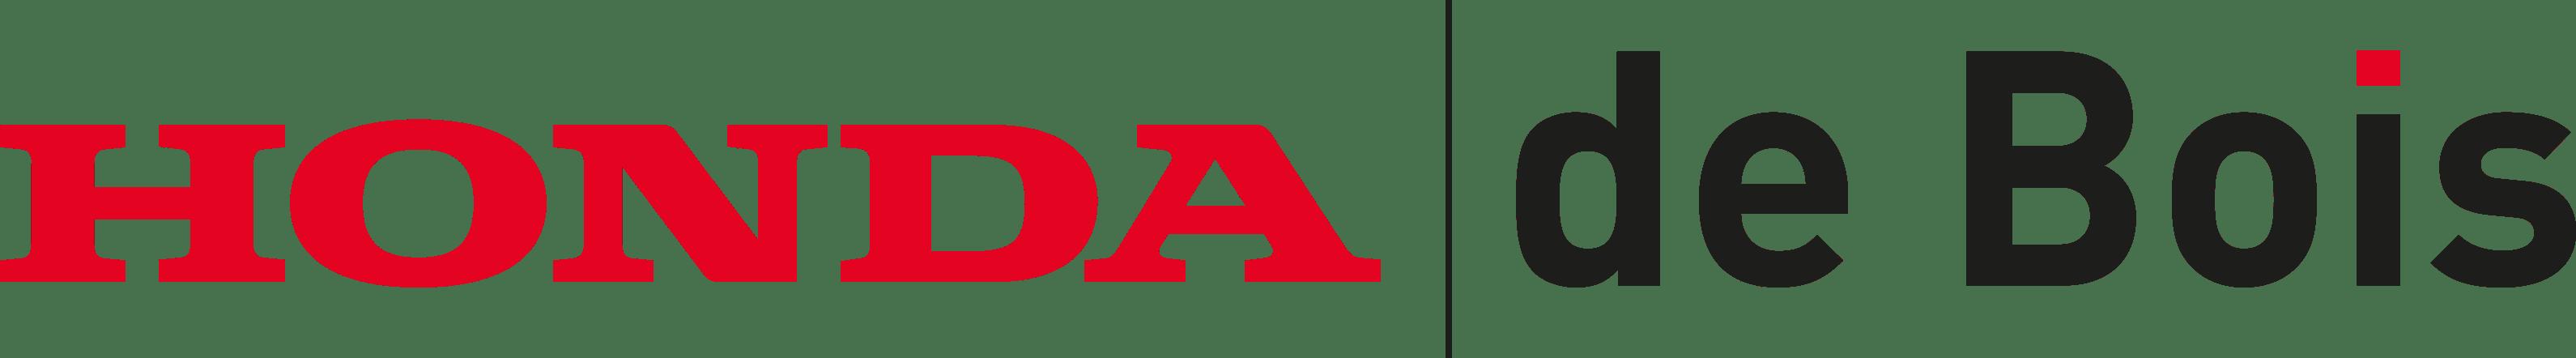 1ste Autotechnicus